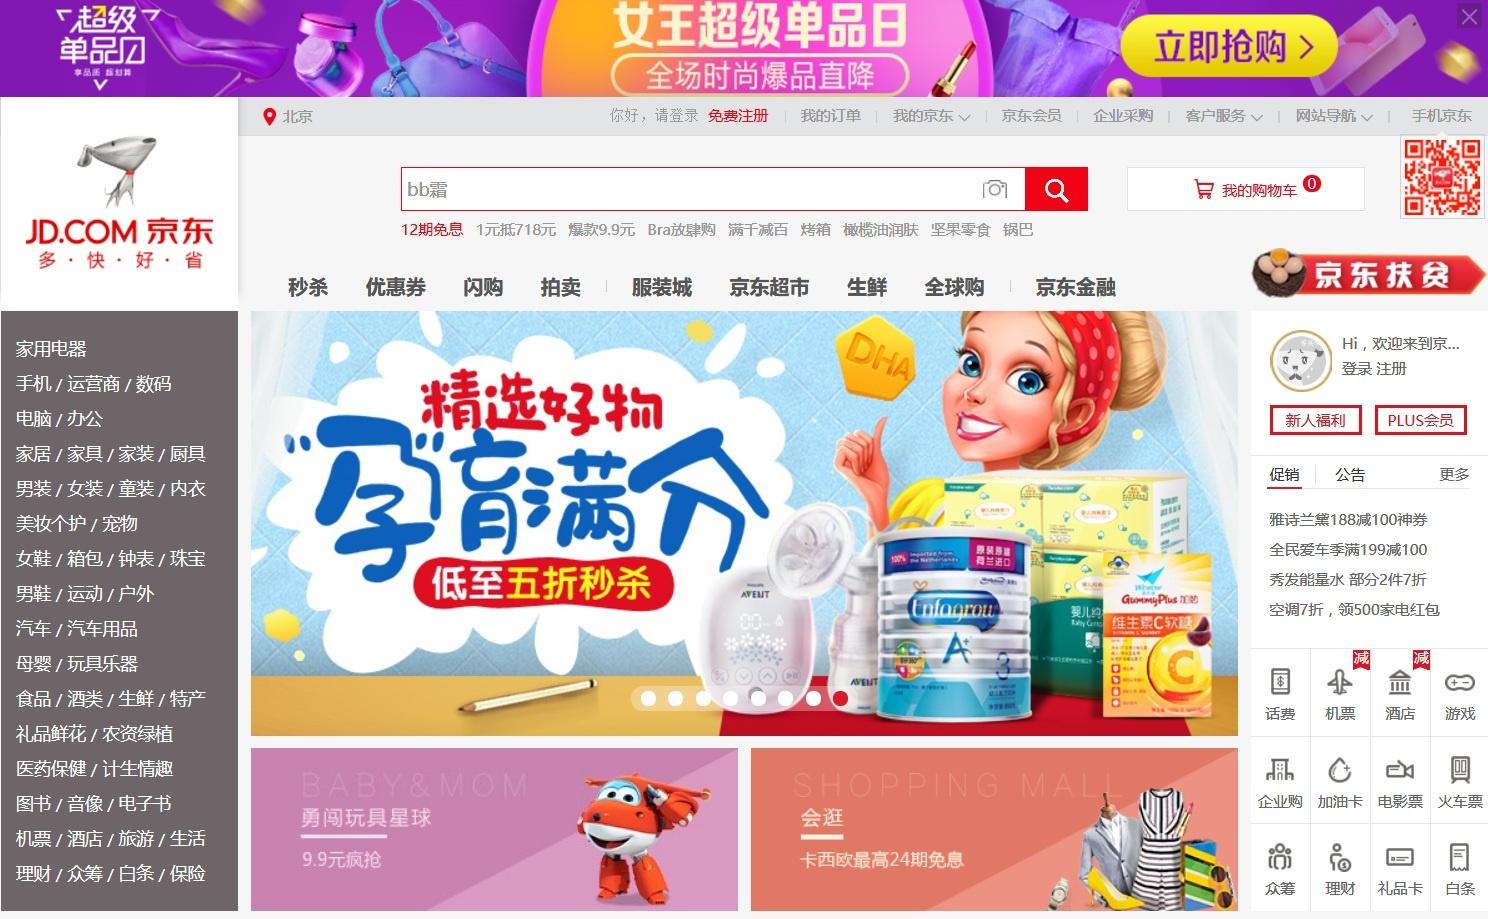 Китайский интернет и софт: о наболевшем - 3